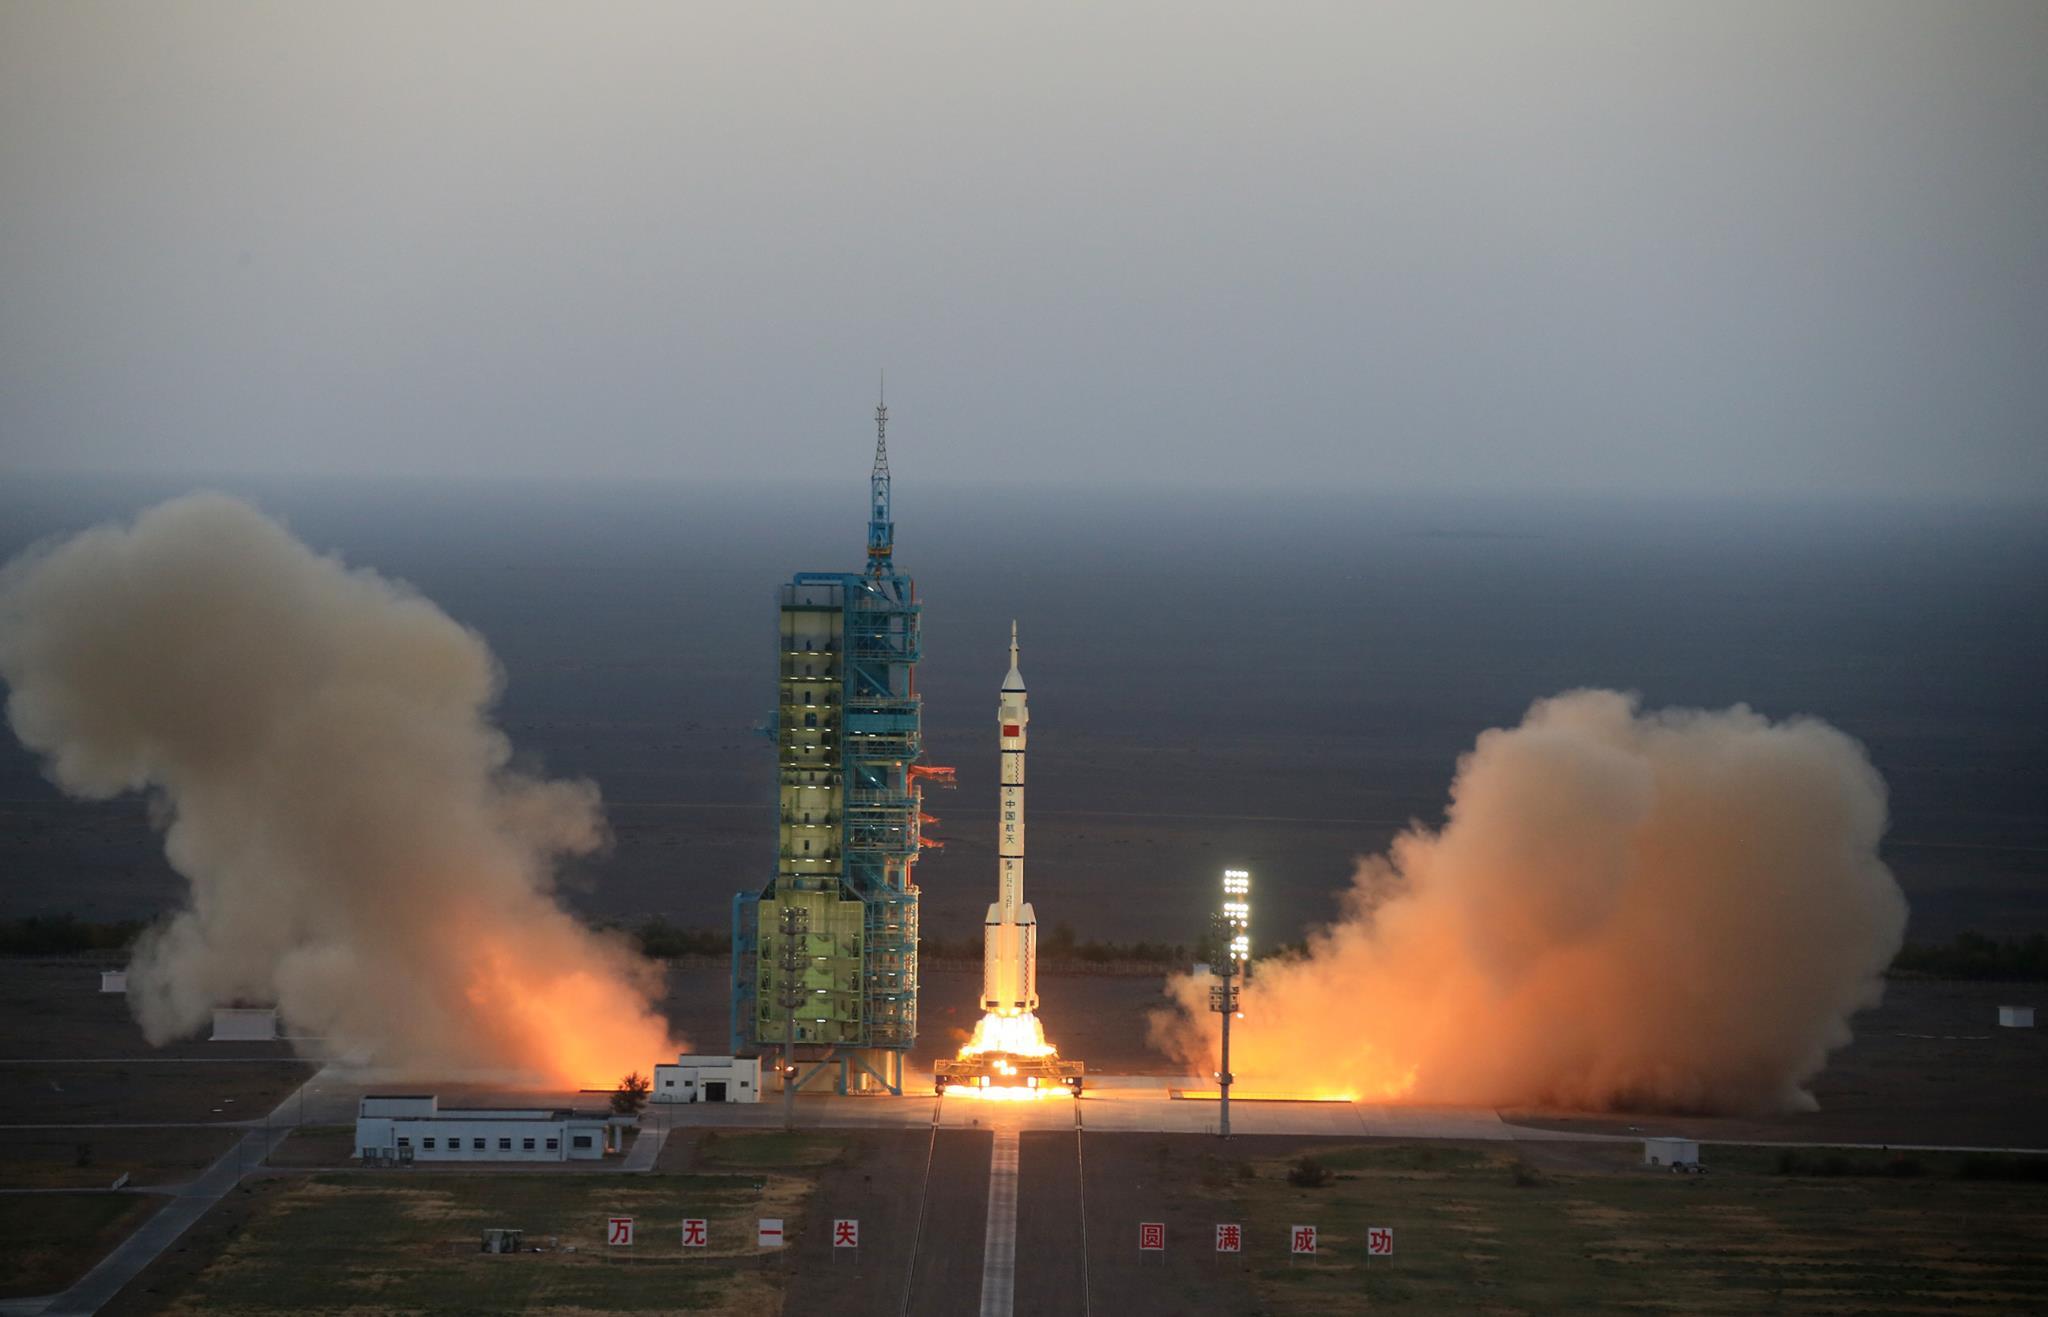 Štart lode Shenzhou-11 ku stanici Tiangong-2